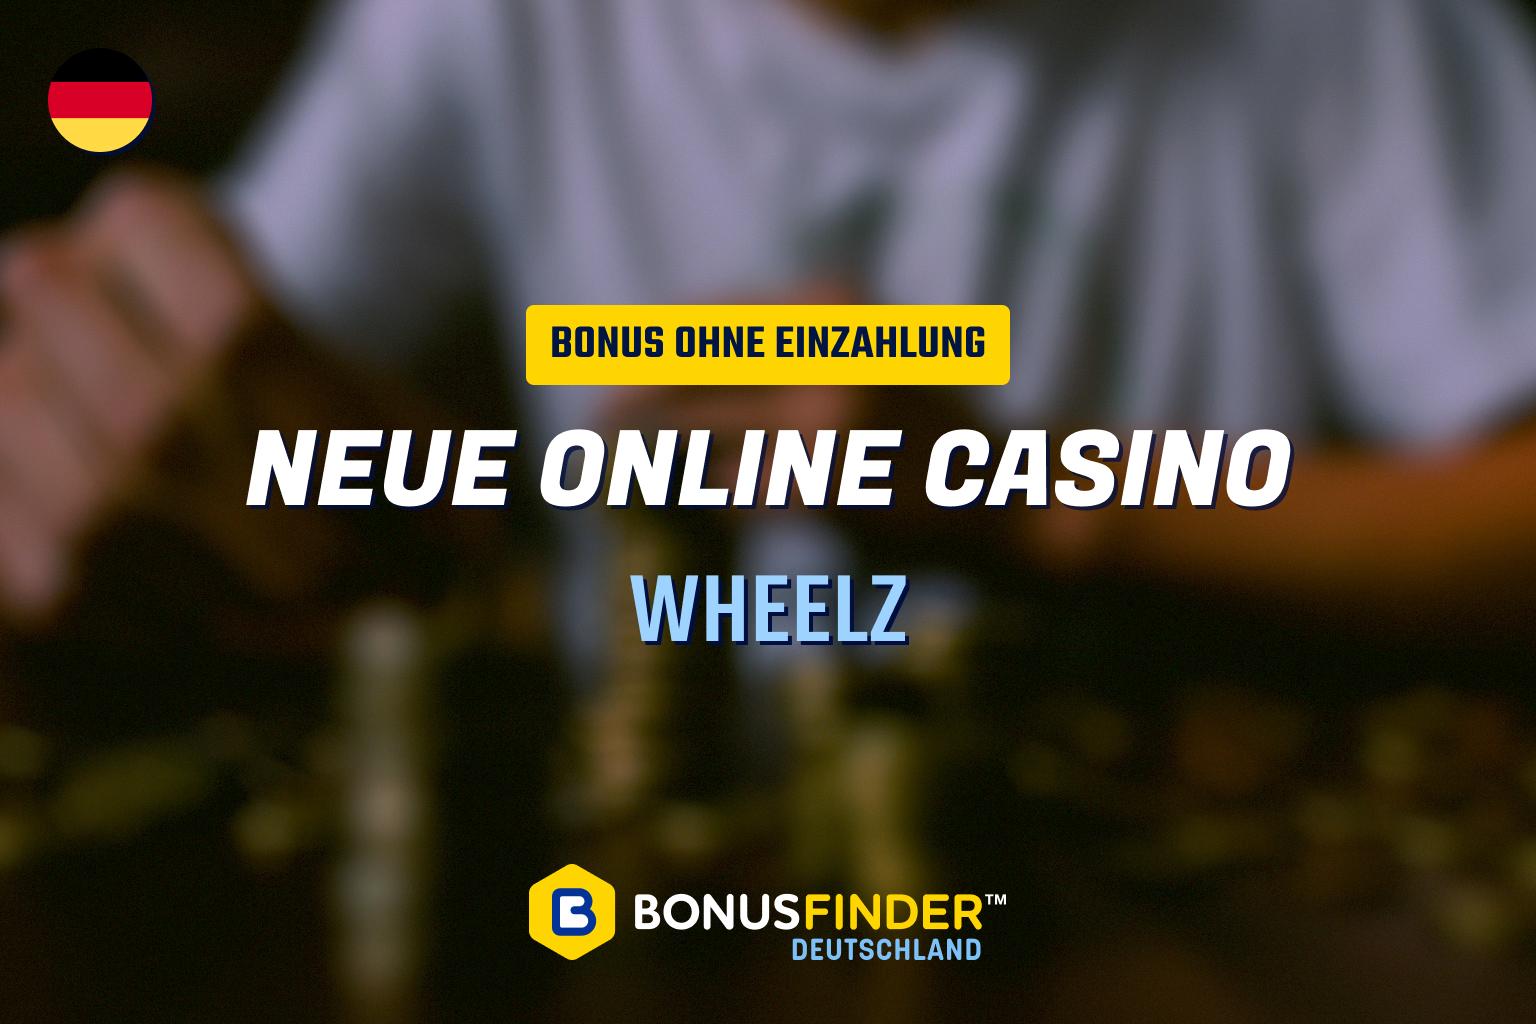 neue online casinos 2021 bonus ohne einzahlung